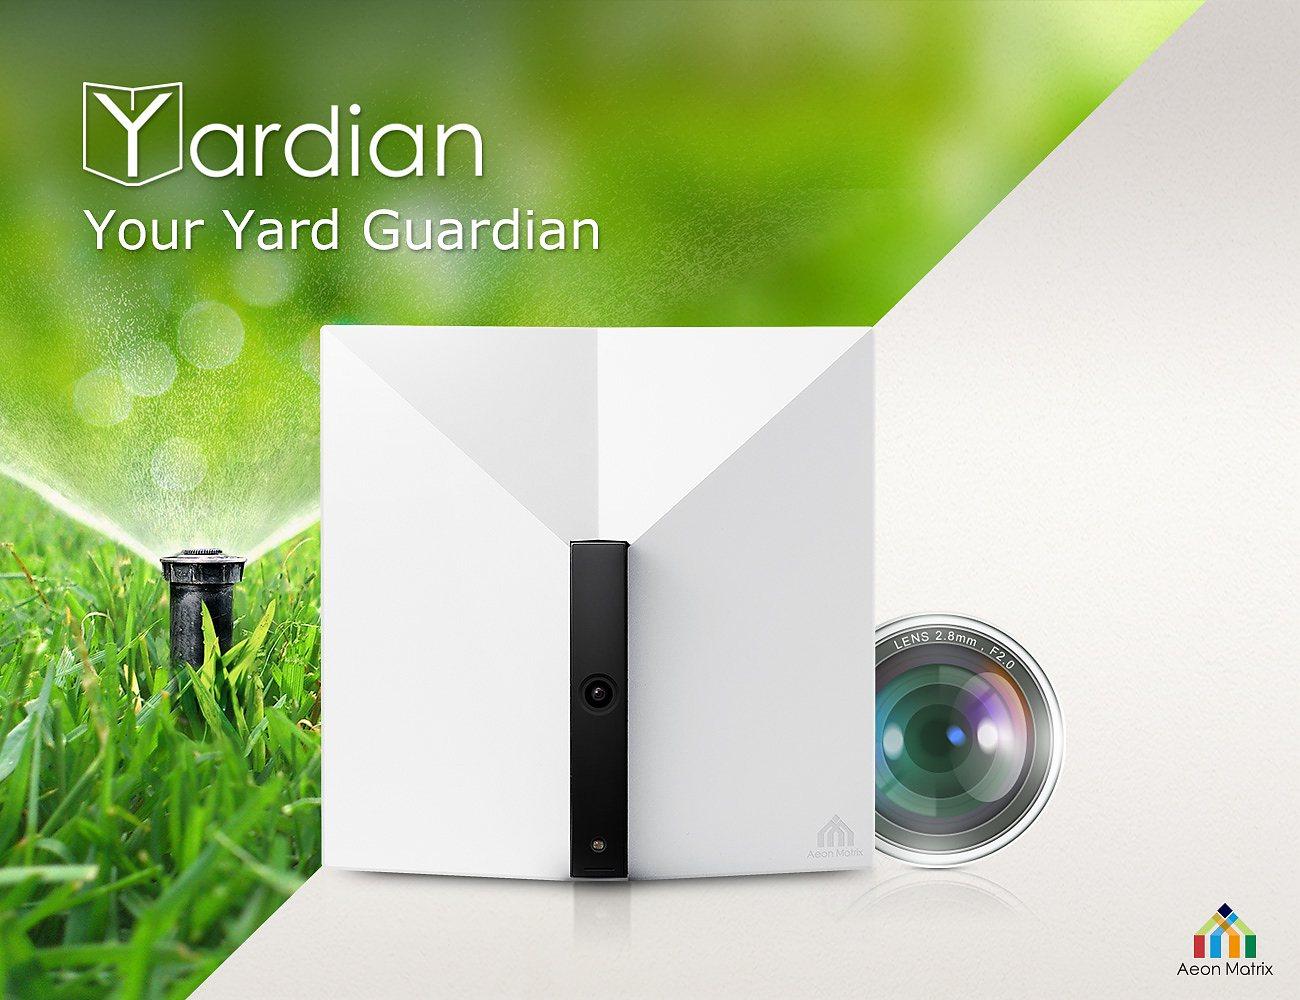 Yardian – Your Yard Guardian